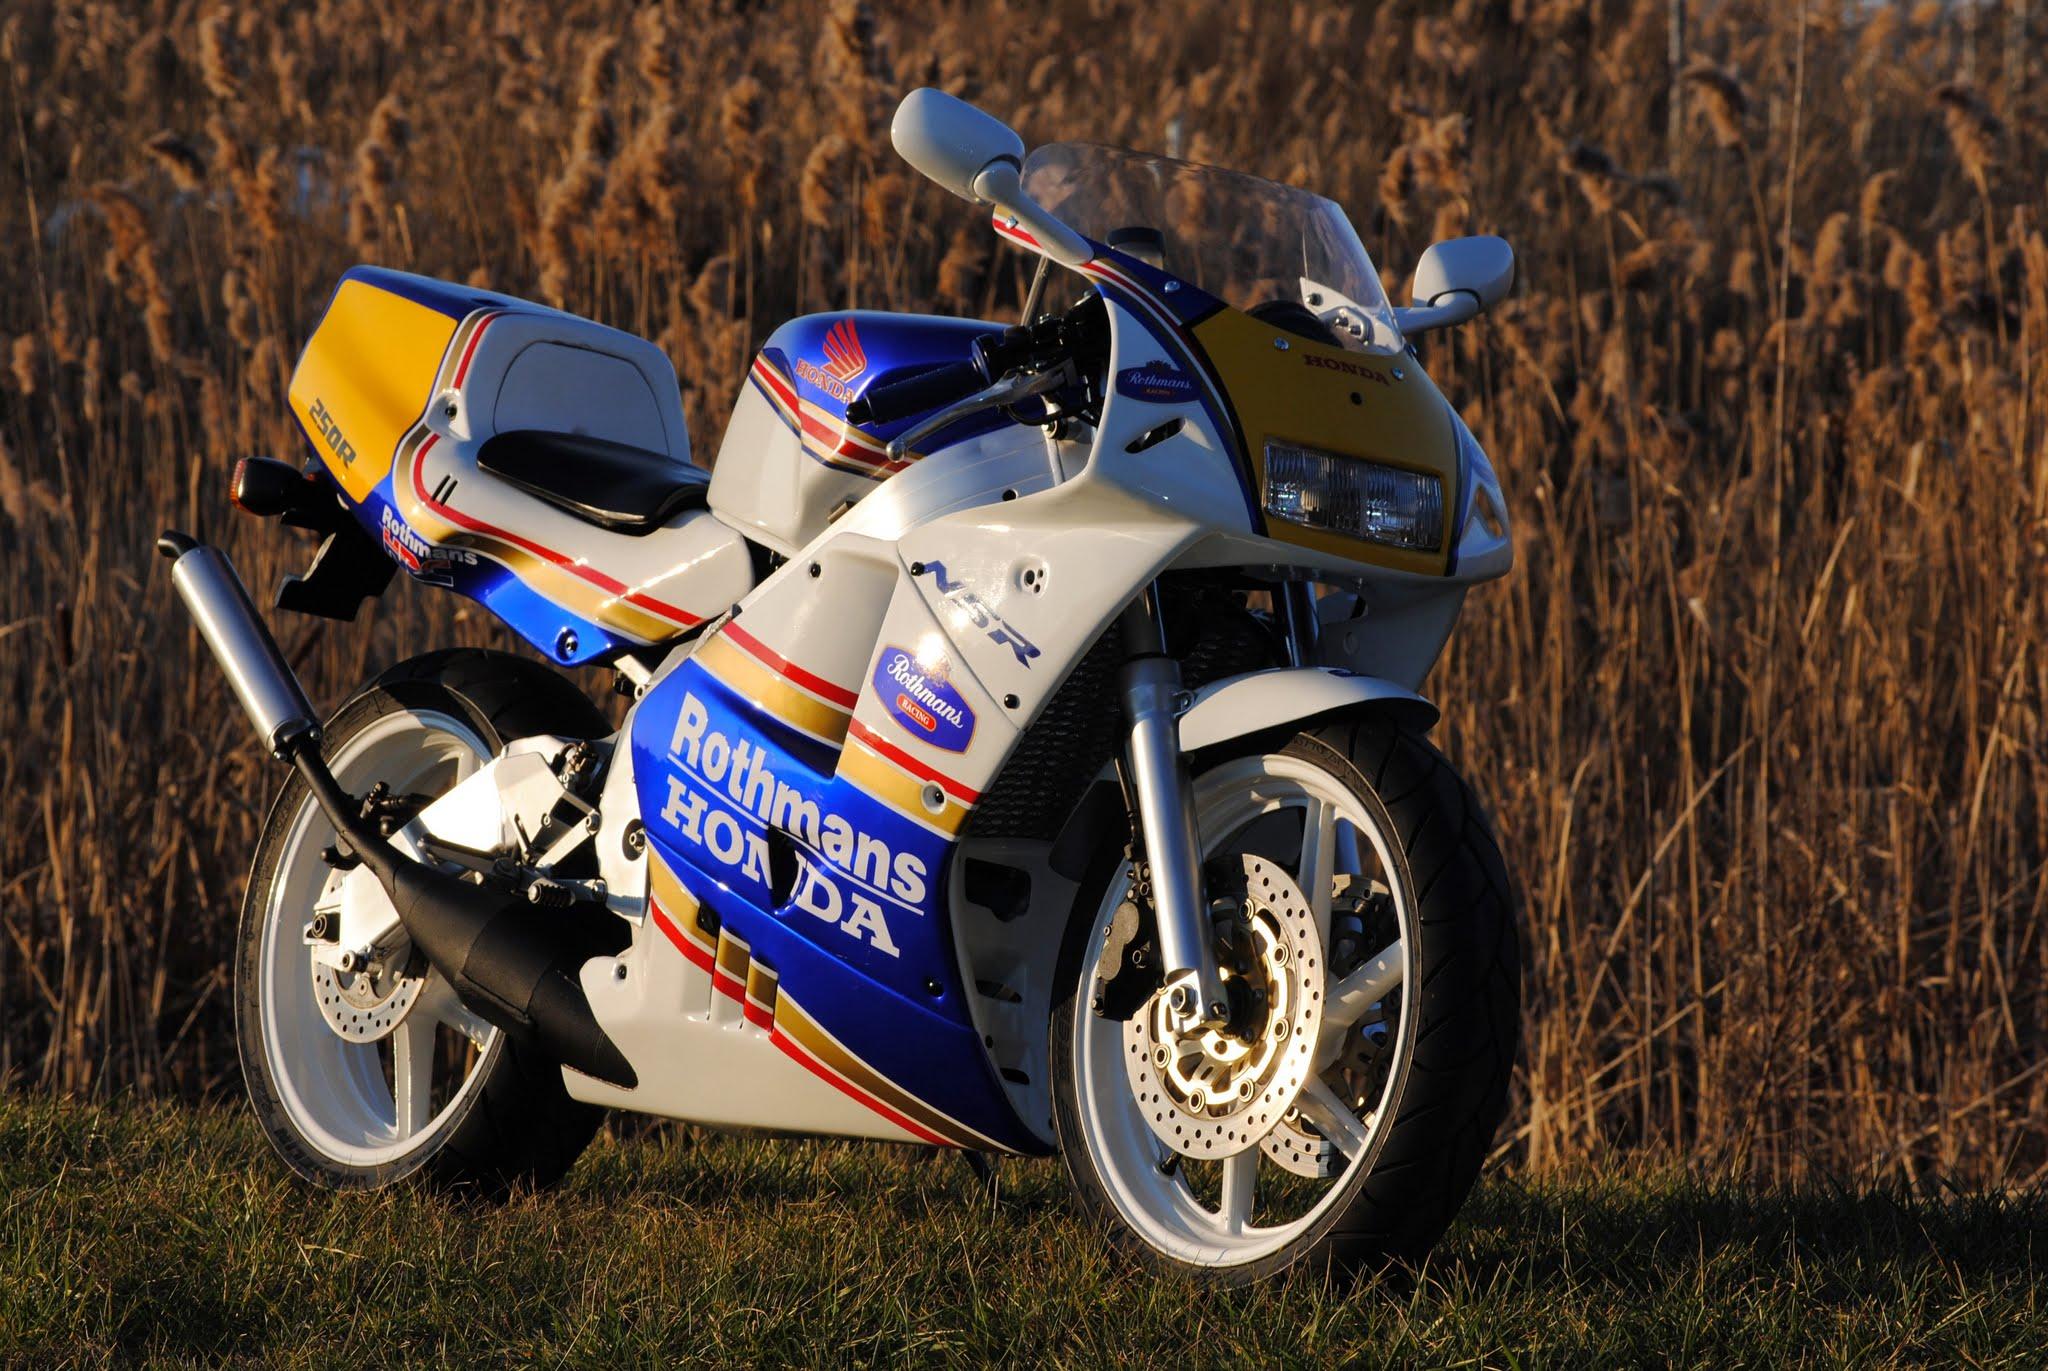 NSR250 Rothman Front Right.JPG